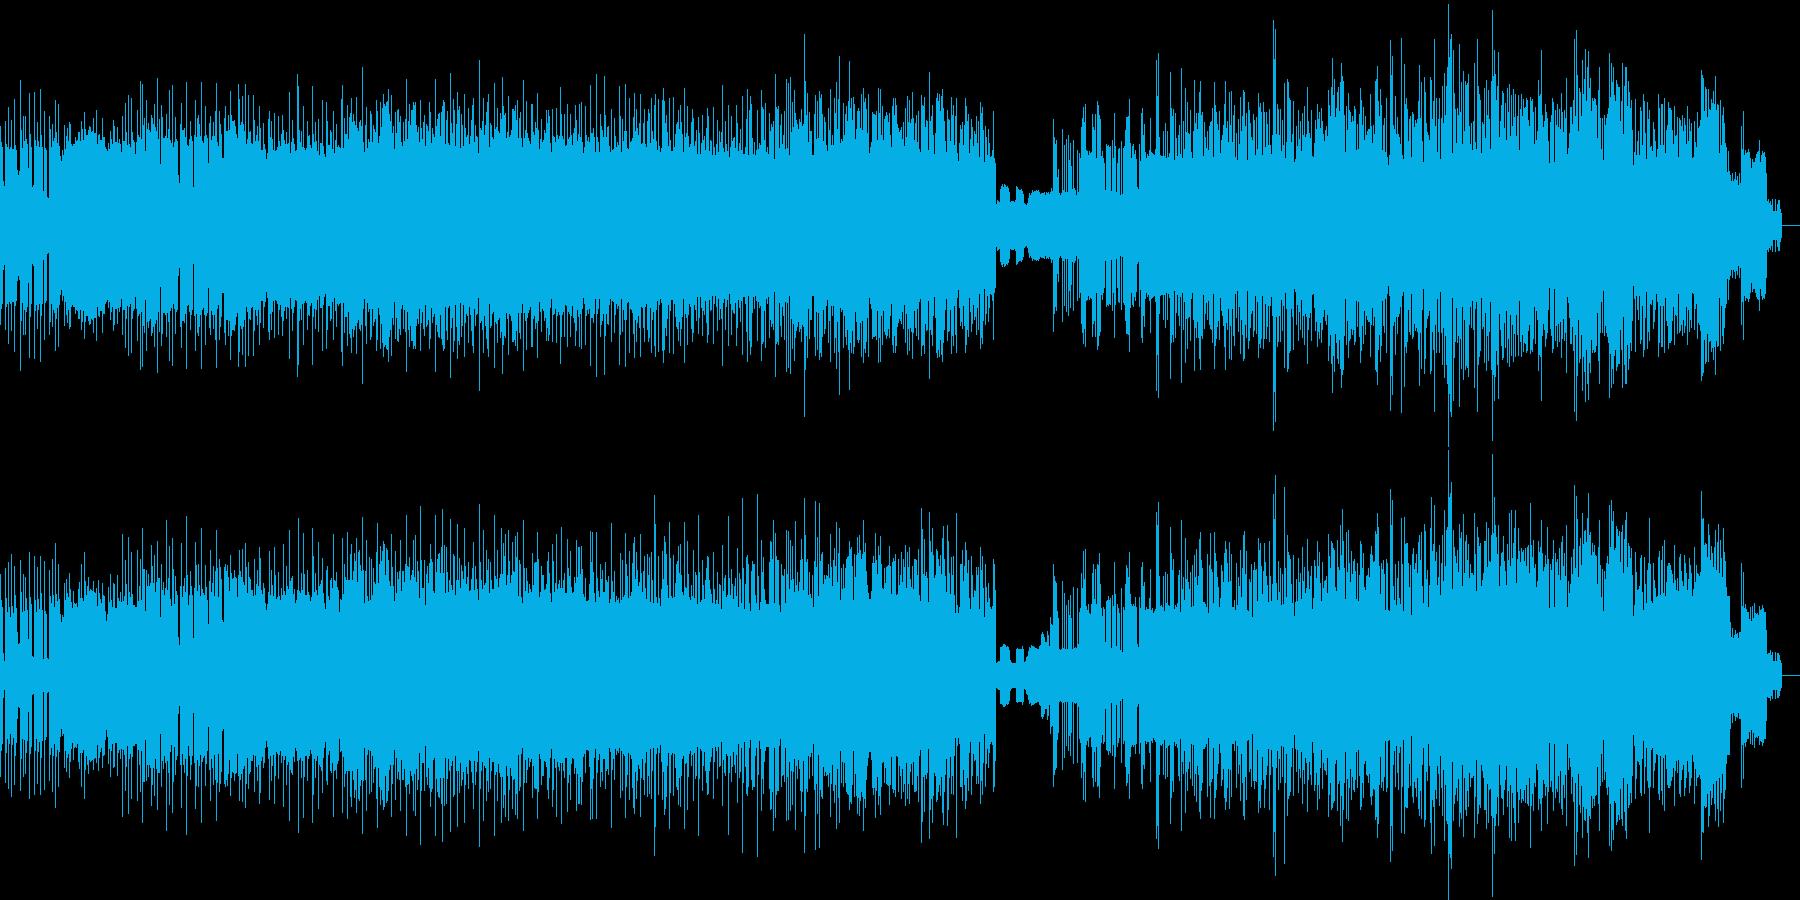 ビート感のあるノイズの再生済みの波形